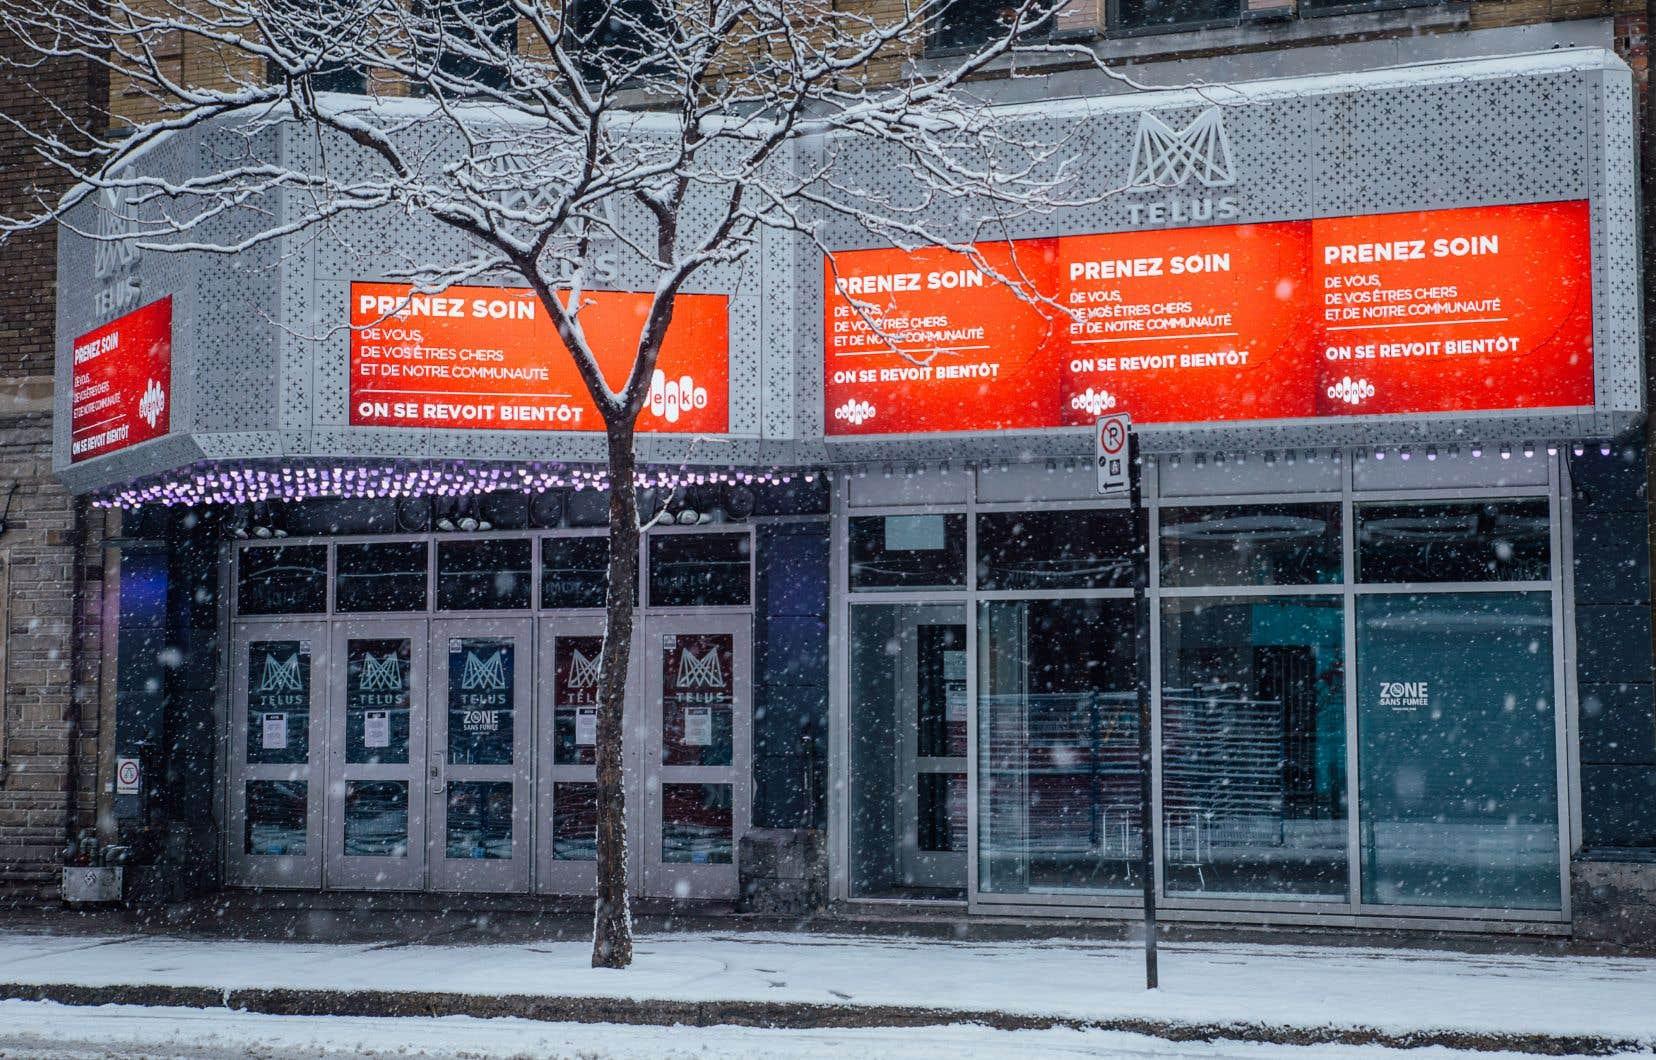 Au lendemain de l'annonce de la fermeture des salles des spectacles le 12mars, une «réunion d'urgence» se tenait entre divers organismes du milieu culturel. Mais depuis, aucune mesure touchant les artistes qui ont perdu tous leurs contrats n'a été annoncée à Québec.